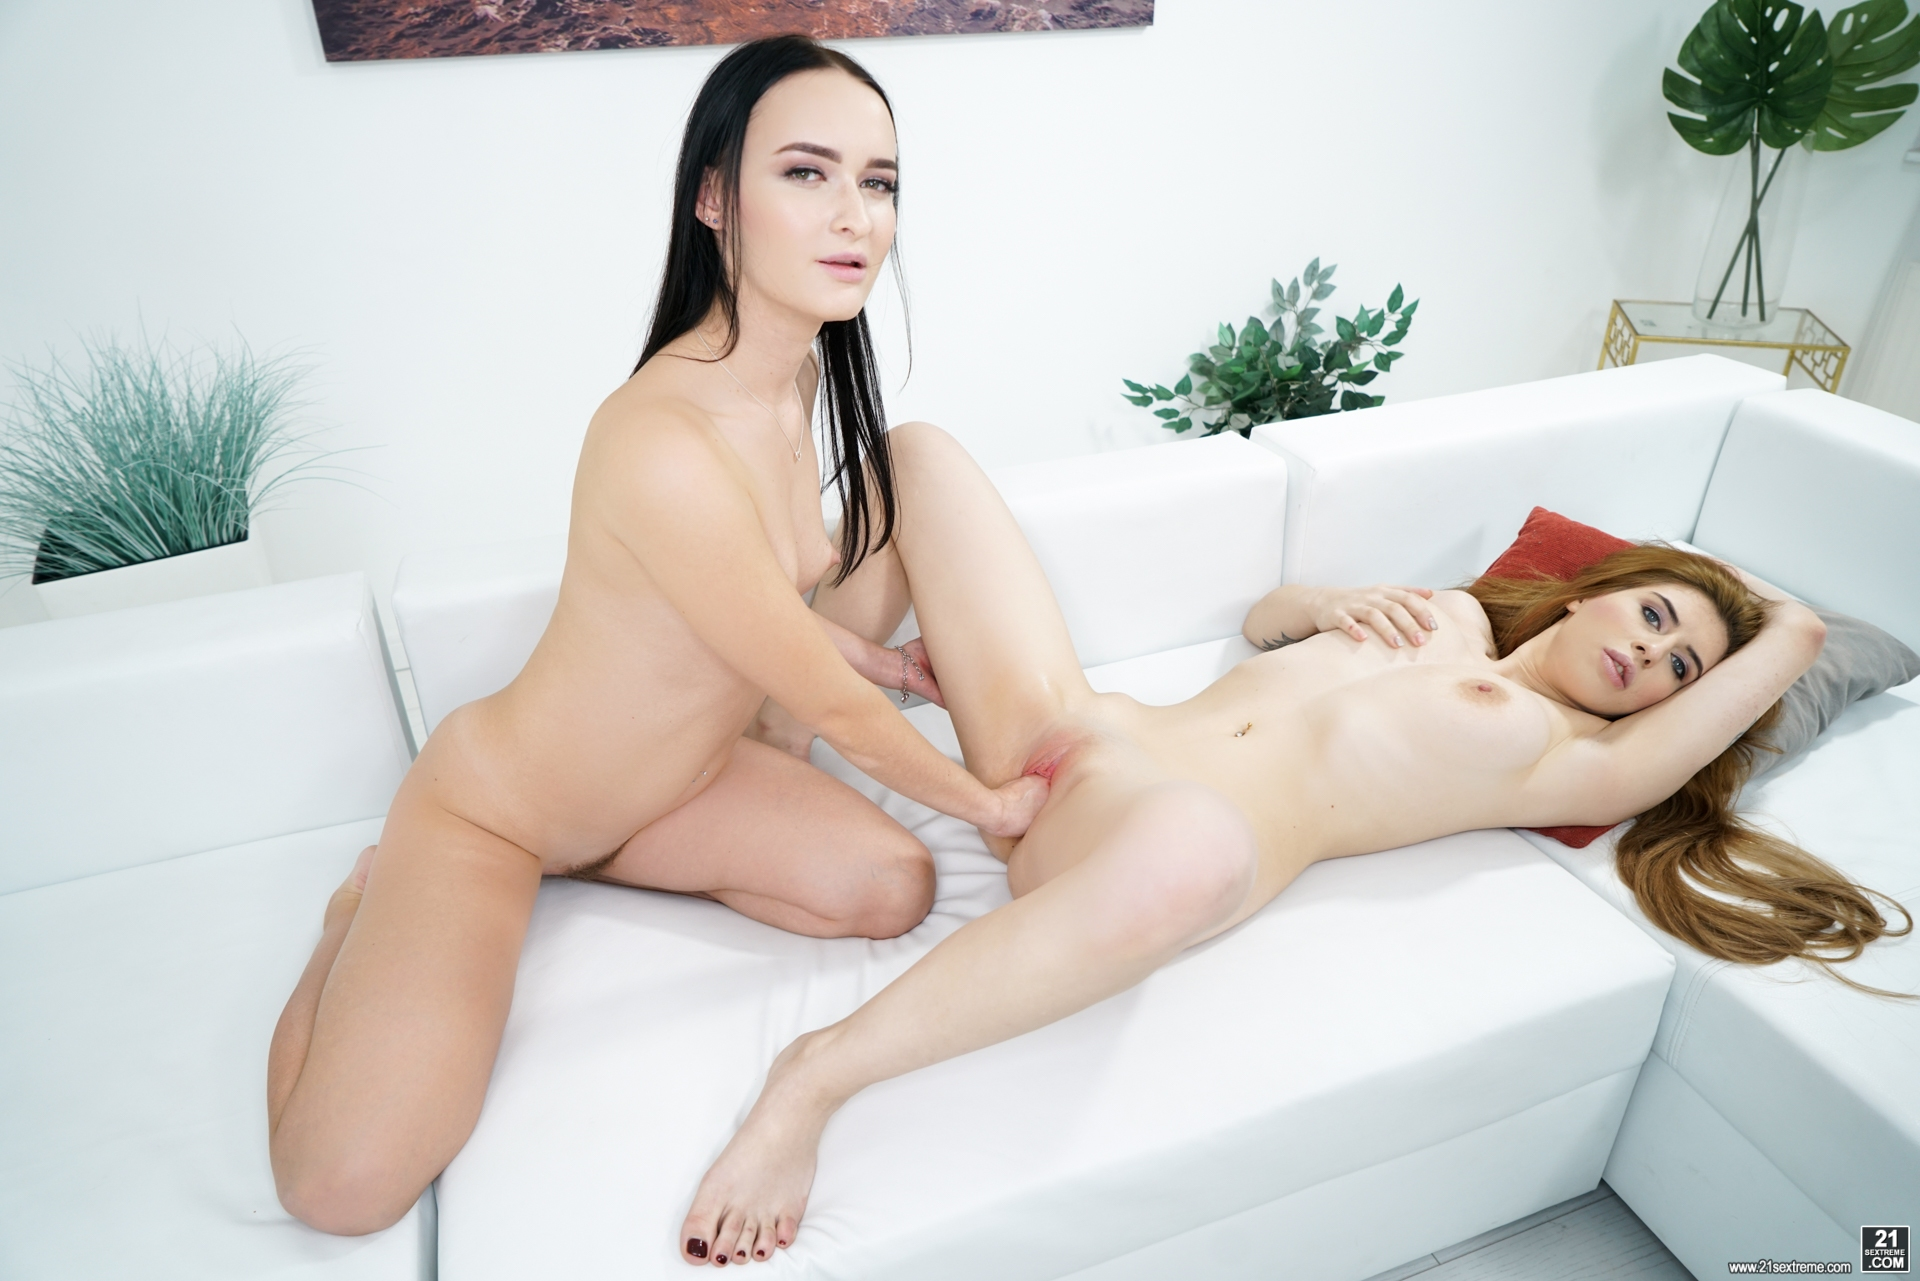 Lesben Pornos. Galerie - 1194. Foto - 8